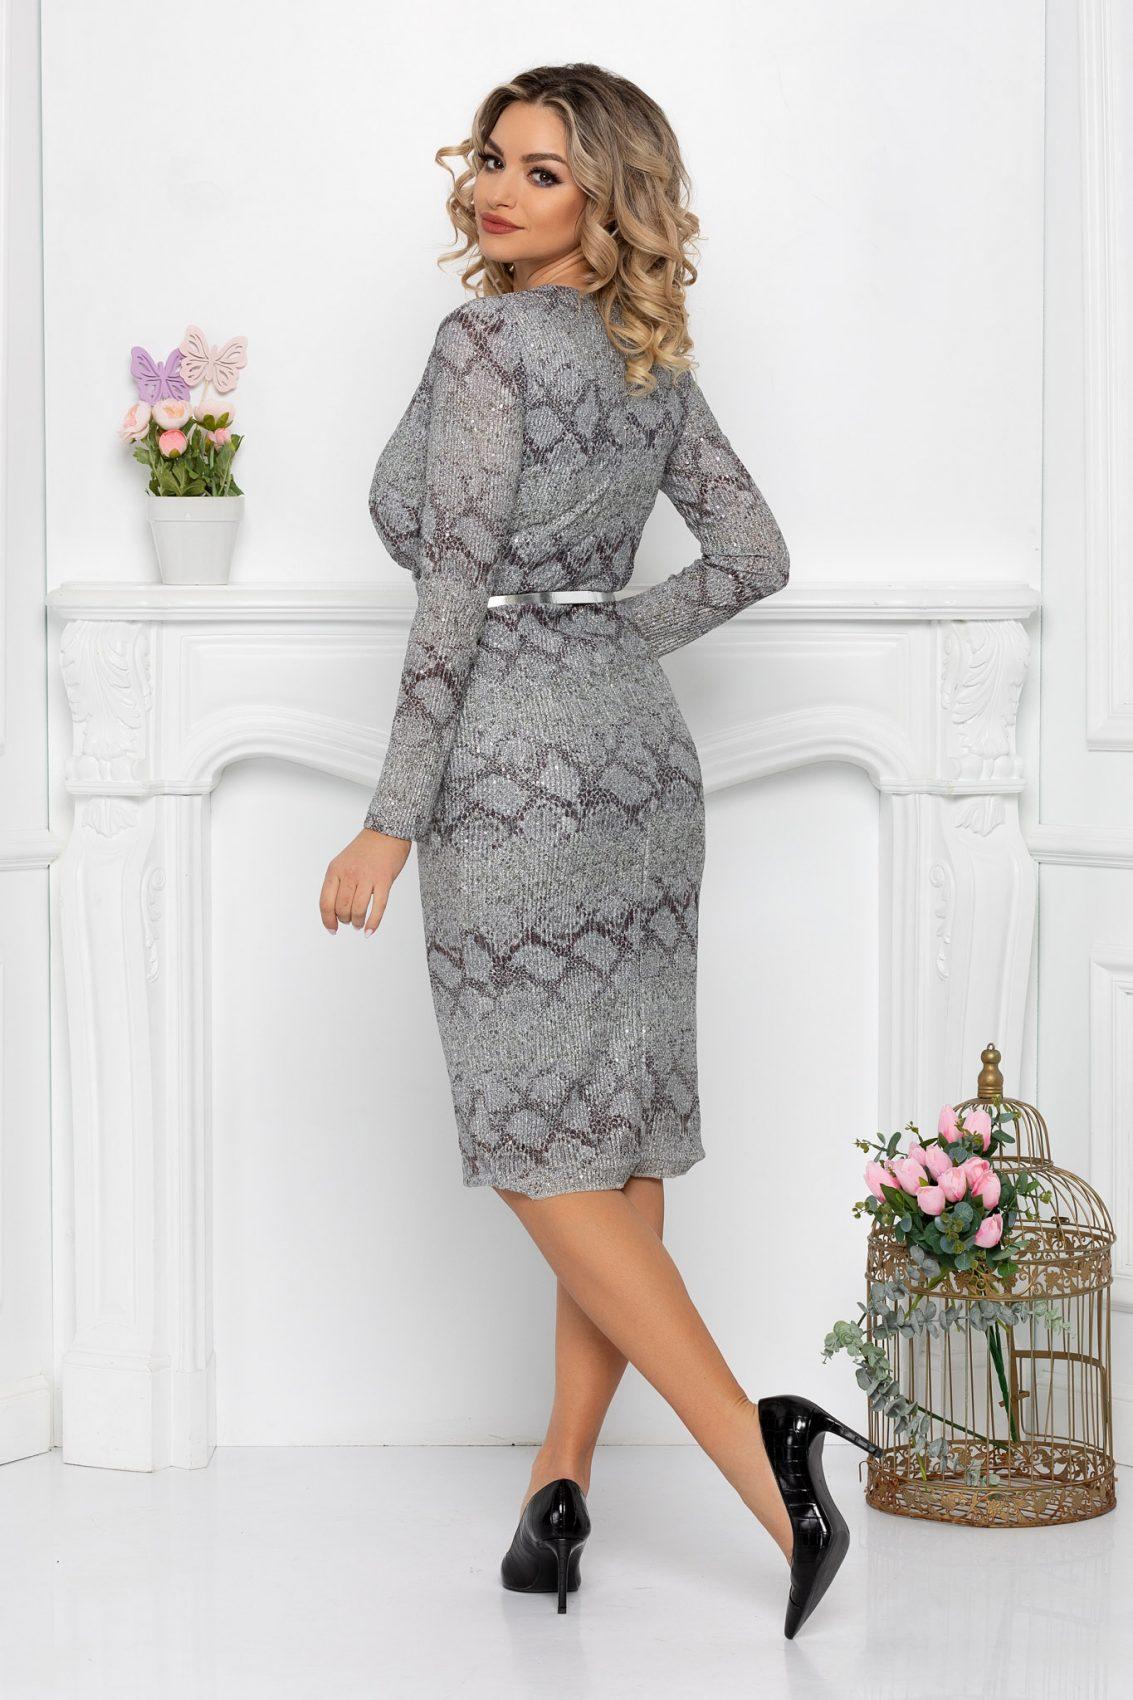 Ασημί Μίντι Φόρεμα Κρουαζέ Alline 9394 2